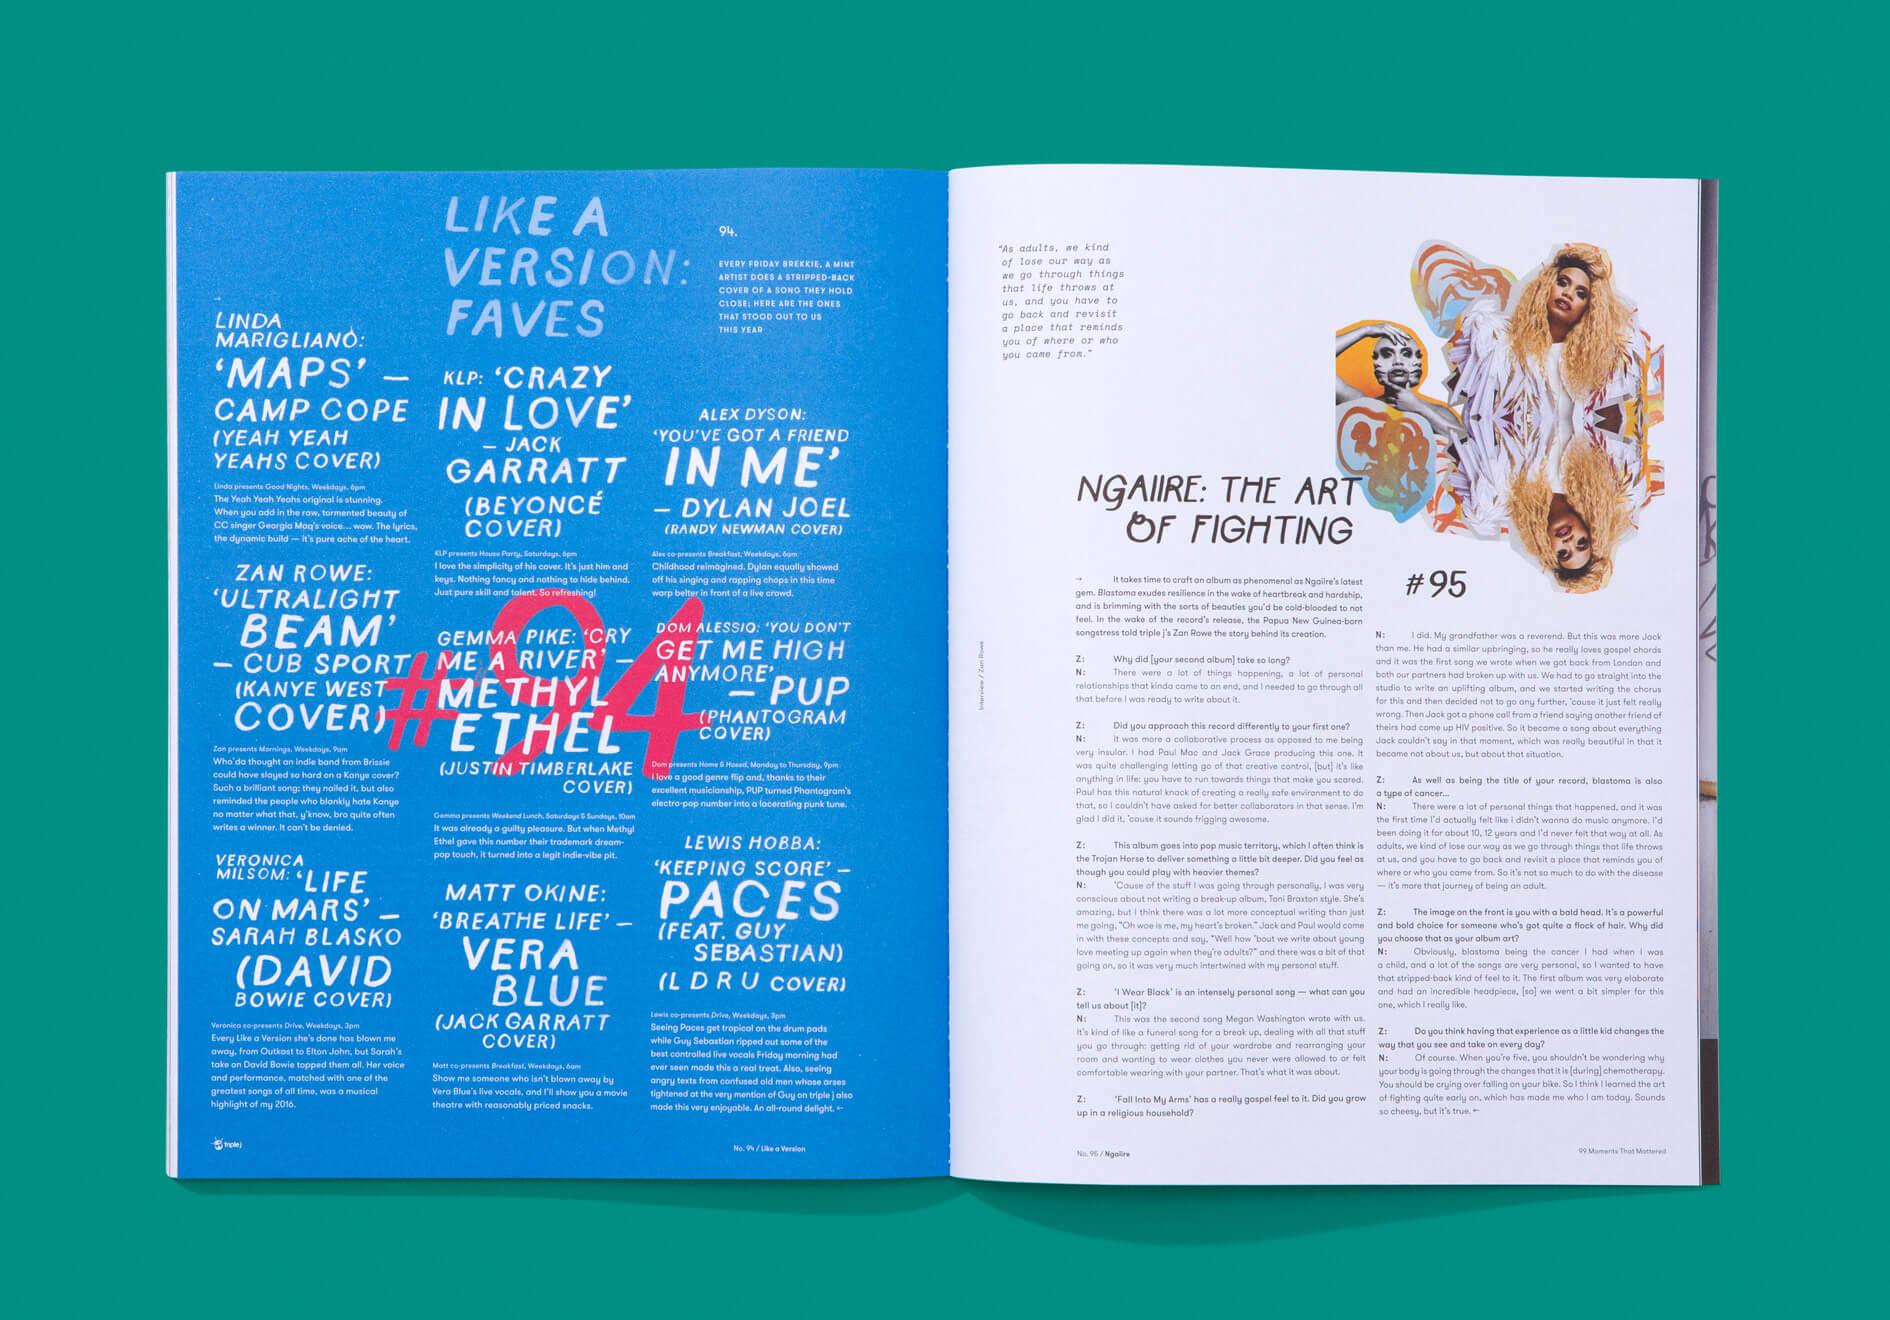 NatCarroll_triplej_Annual_2016_Magazine_BigSpread_LAV_Ngaiire_10col